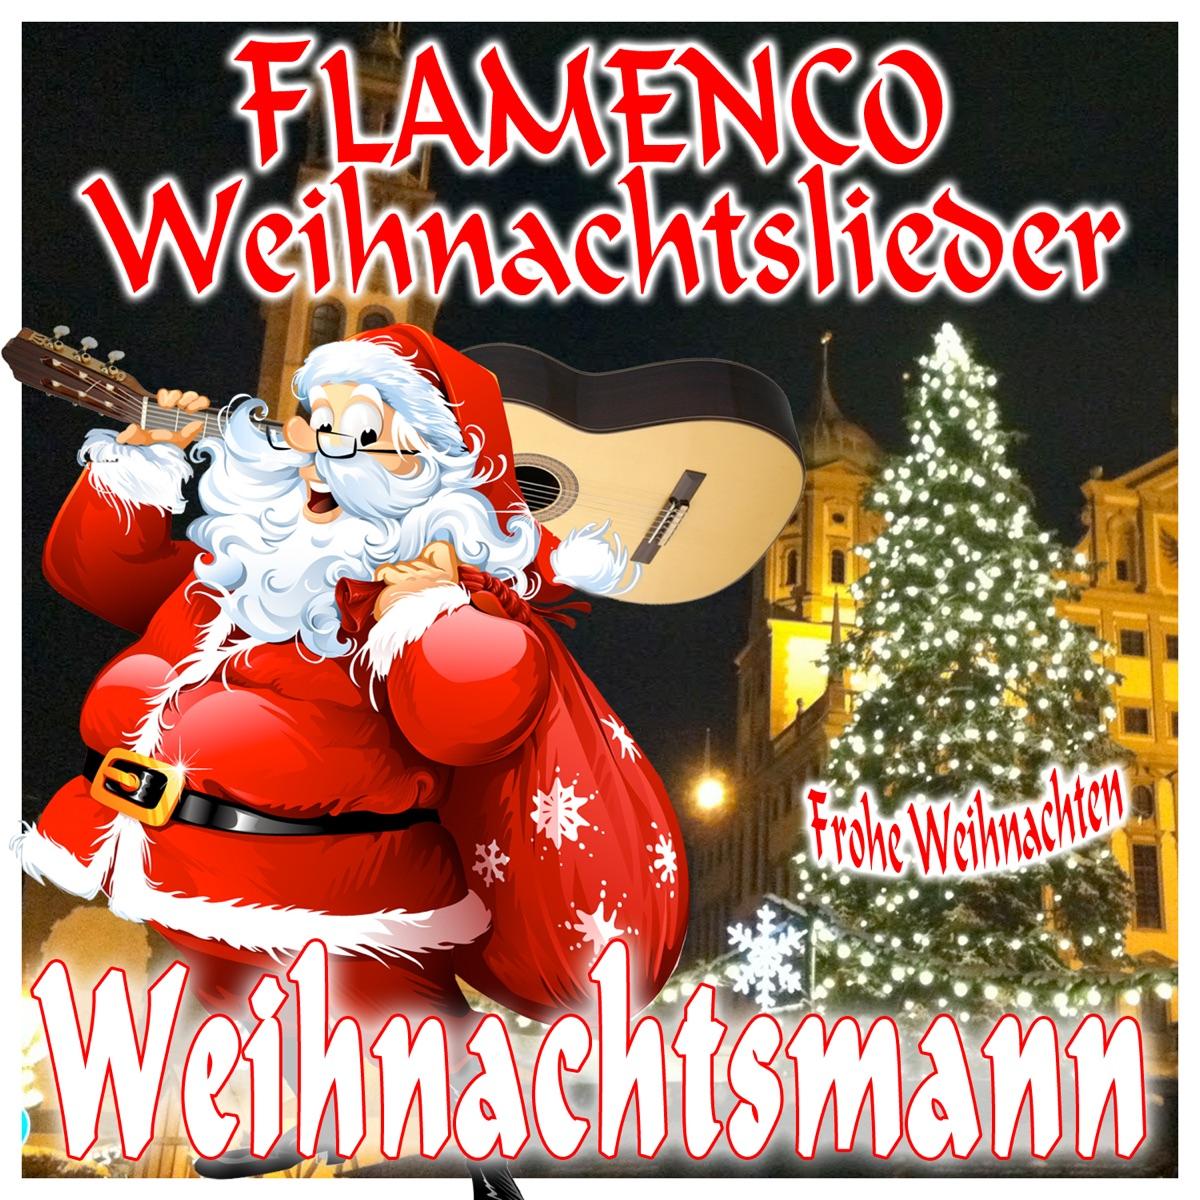 Flamenco Weihnachtslieder. Frohe Weihnachten Weihnachtsmann Album ...